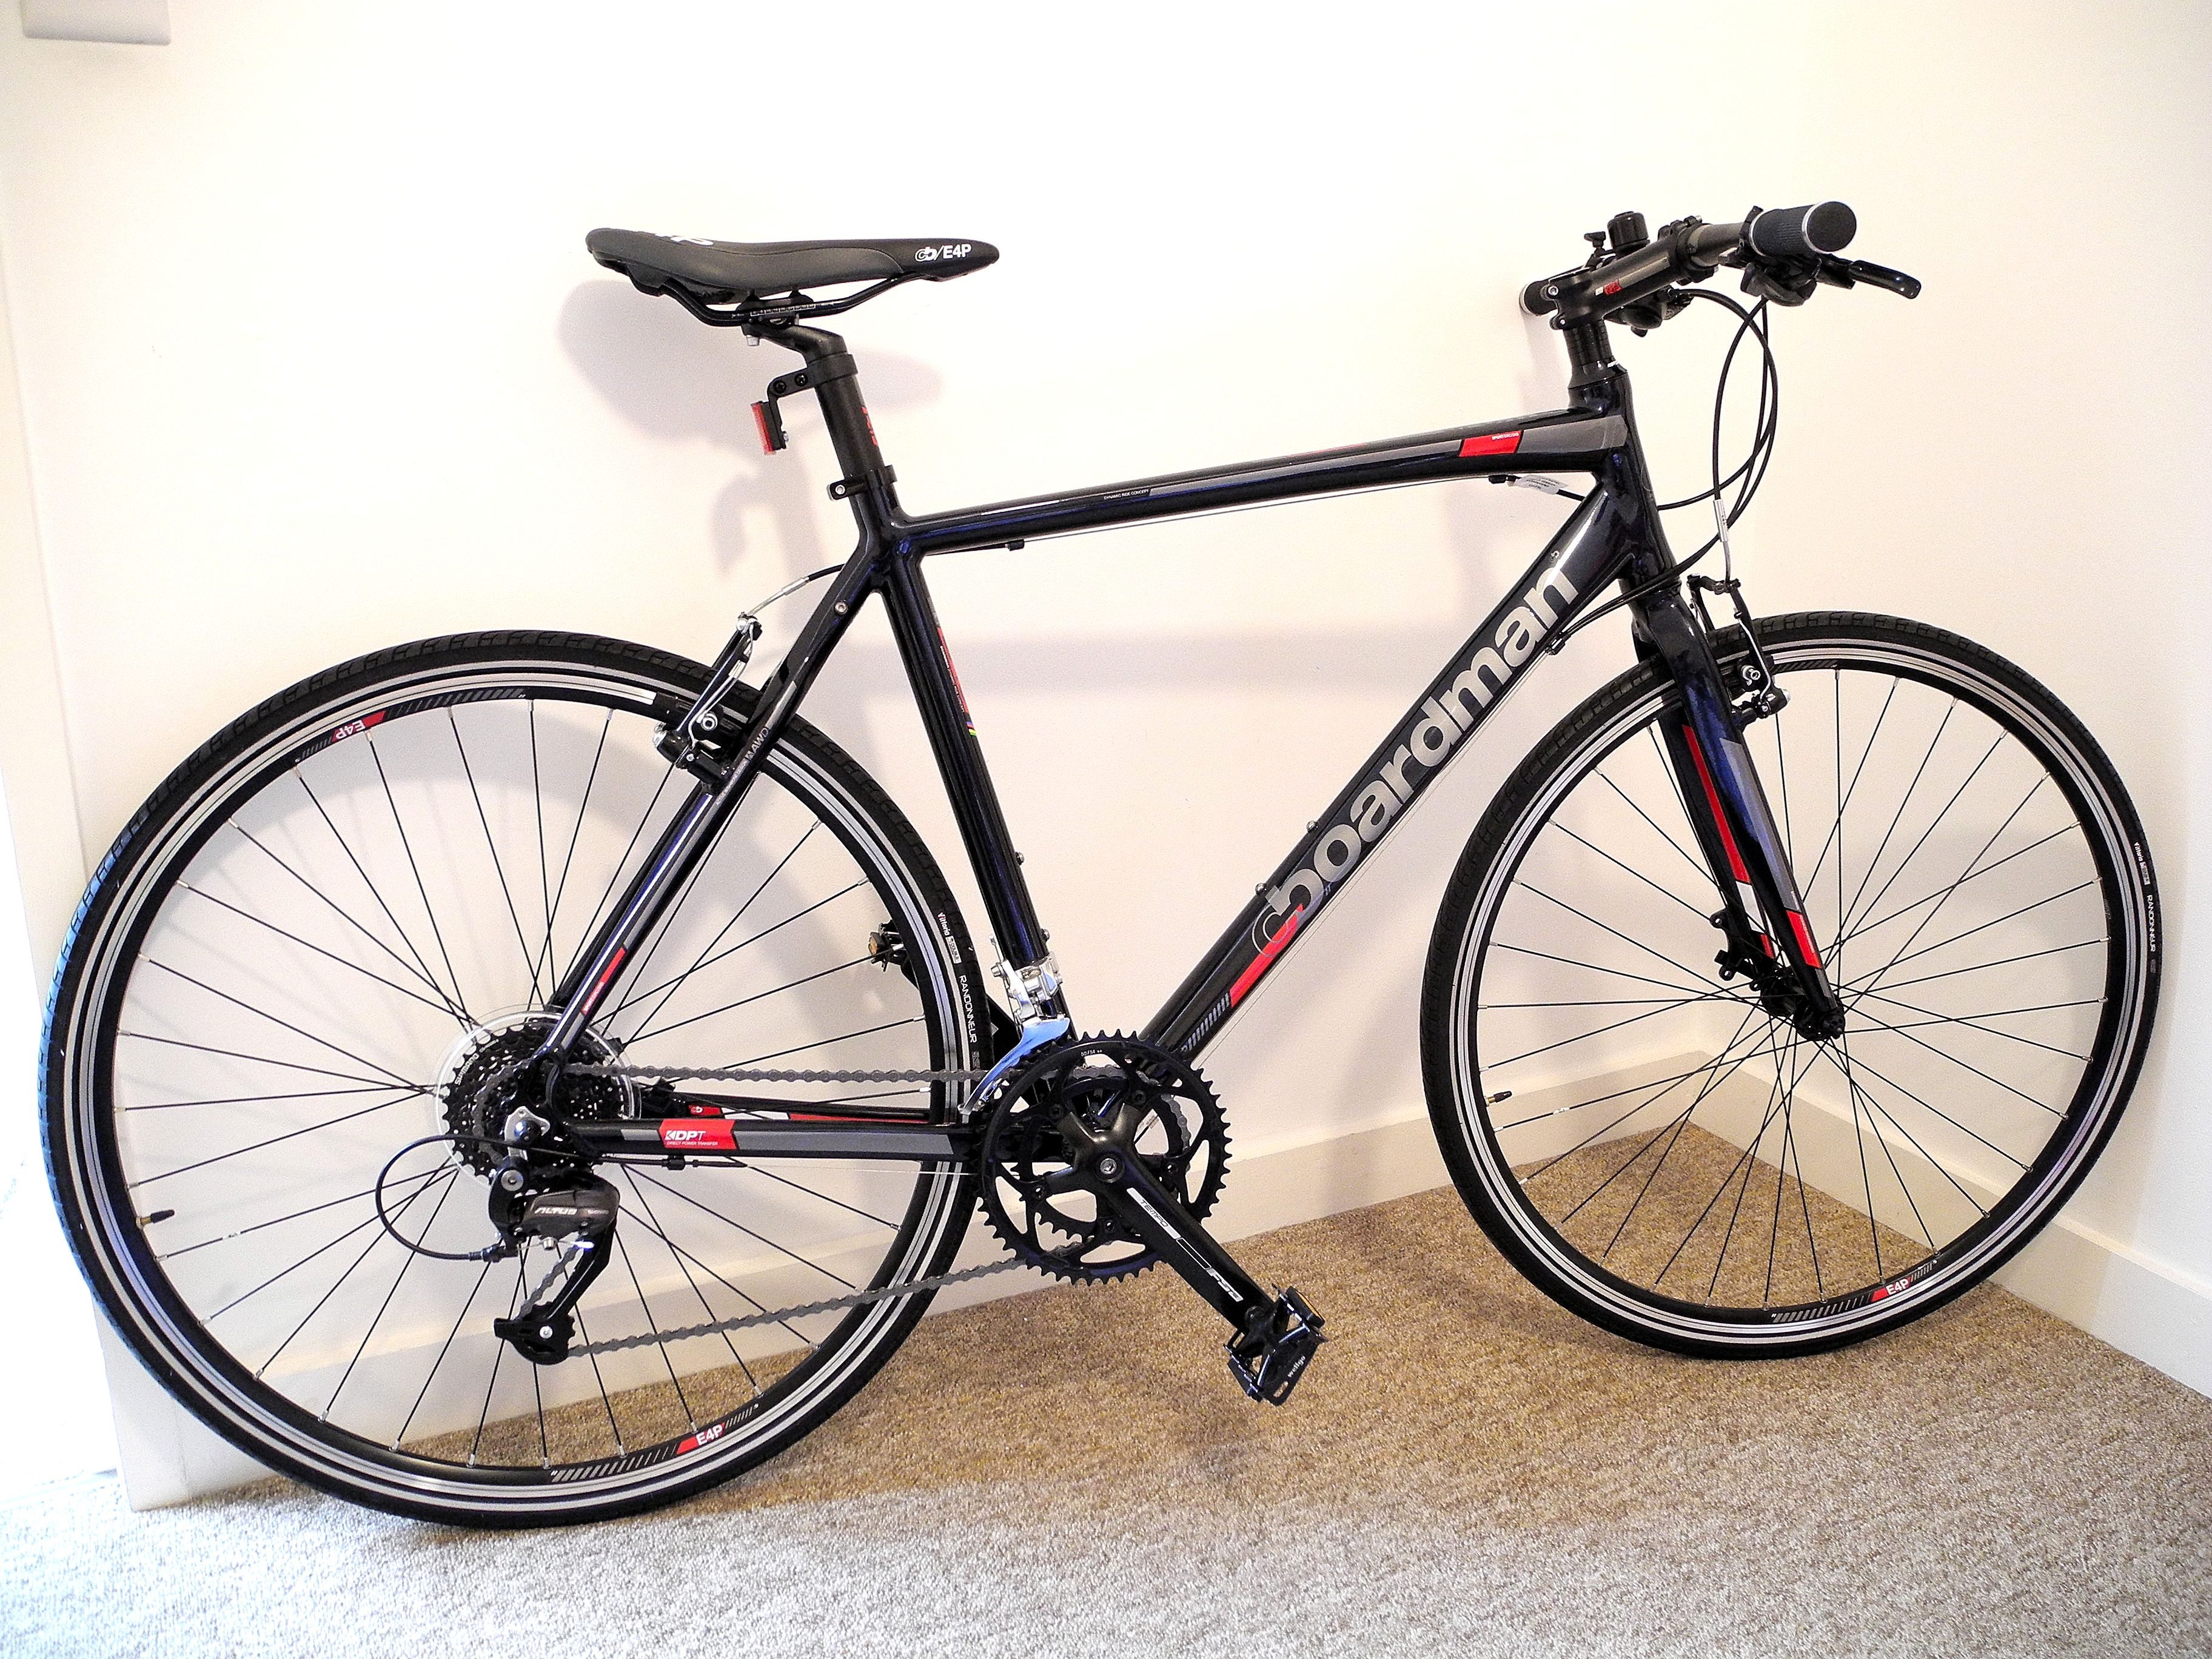 second hand sports bike uk huge tits granny. Black Bedroom Furniture Sets. Home Design Ideas